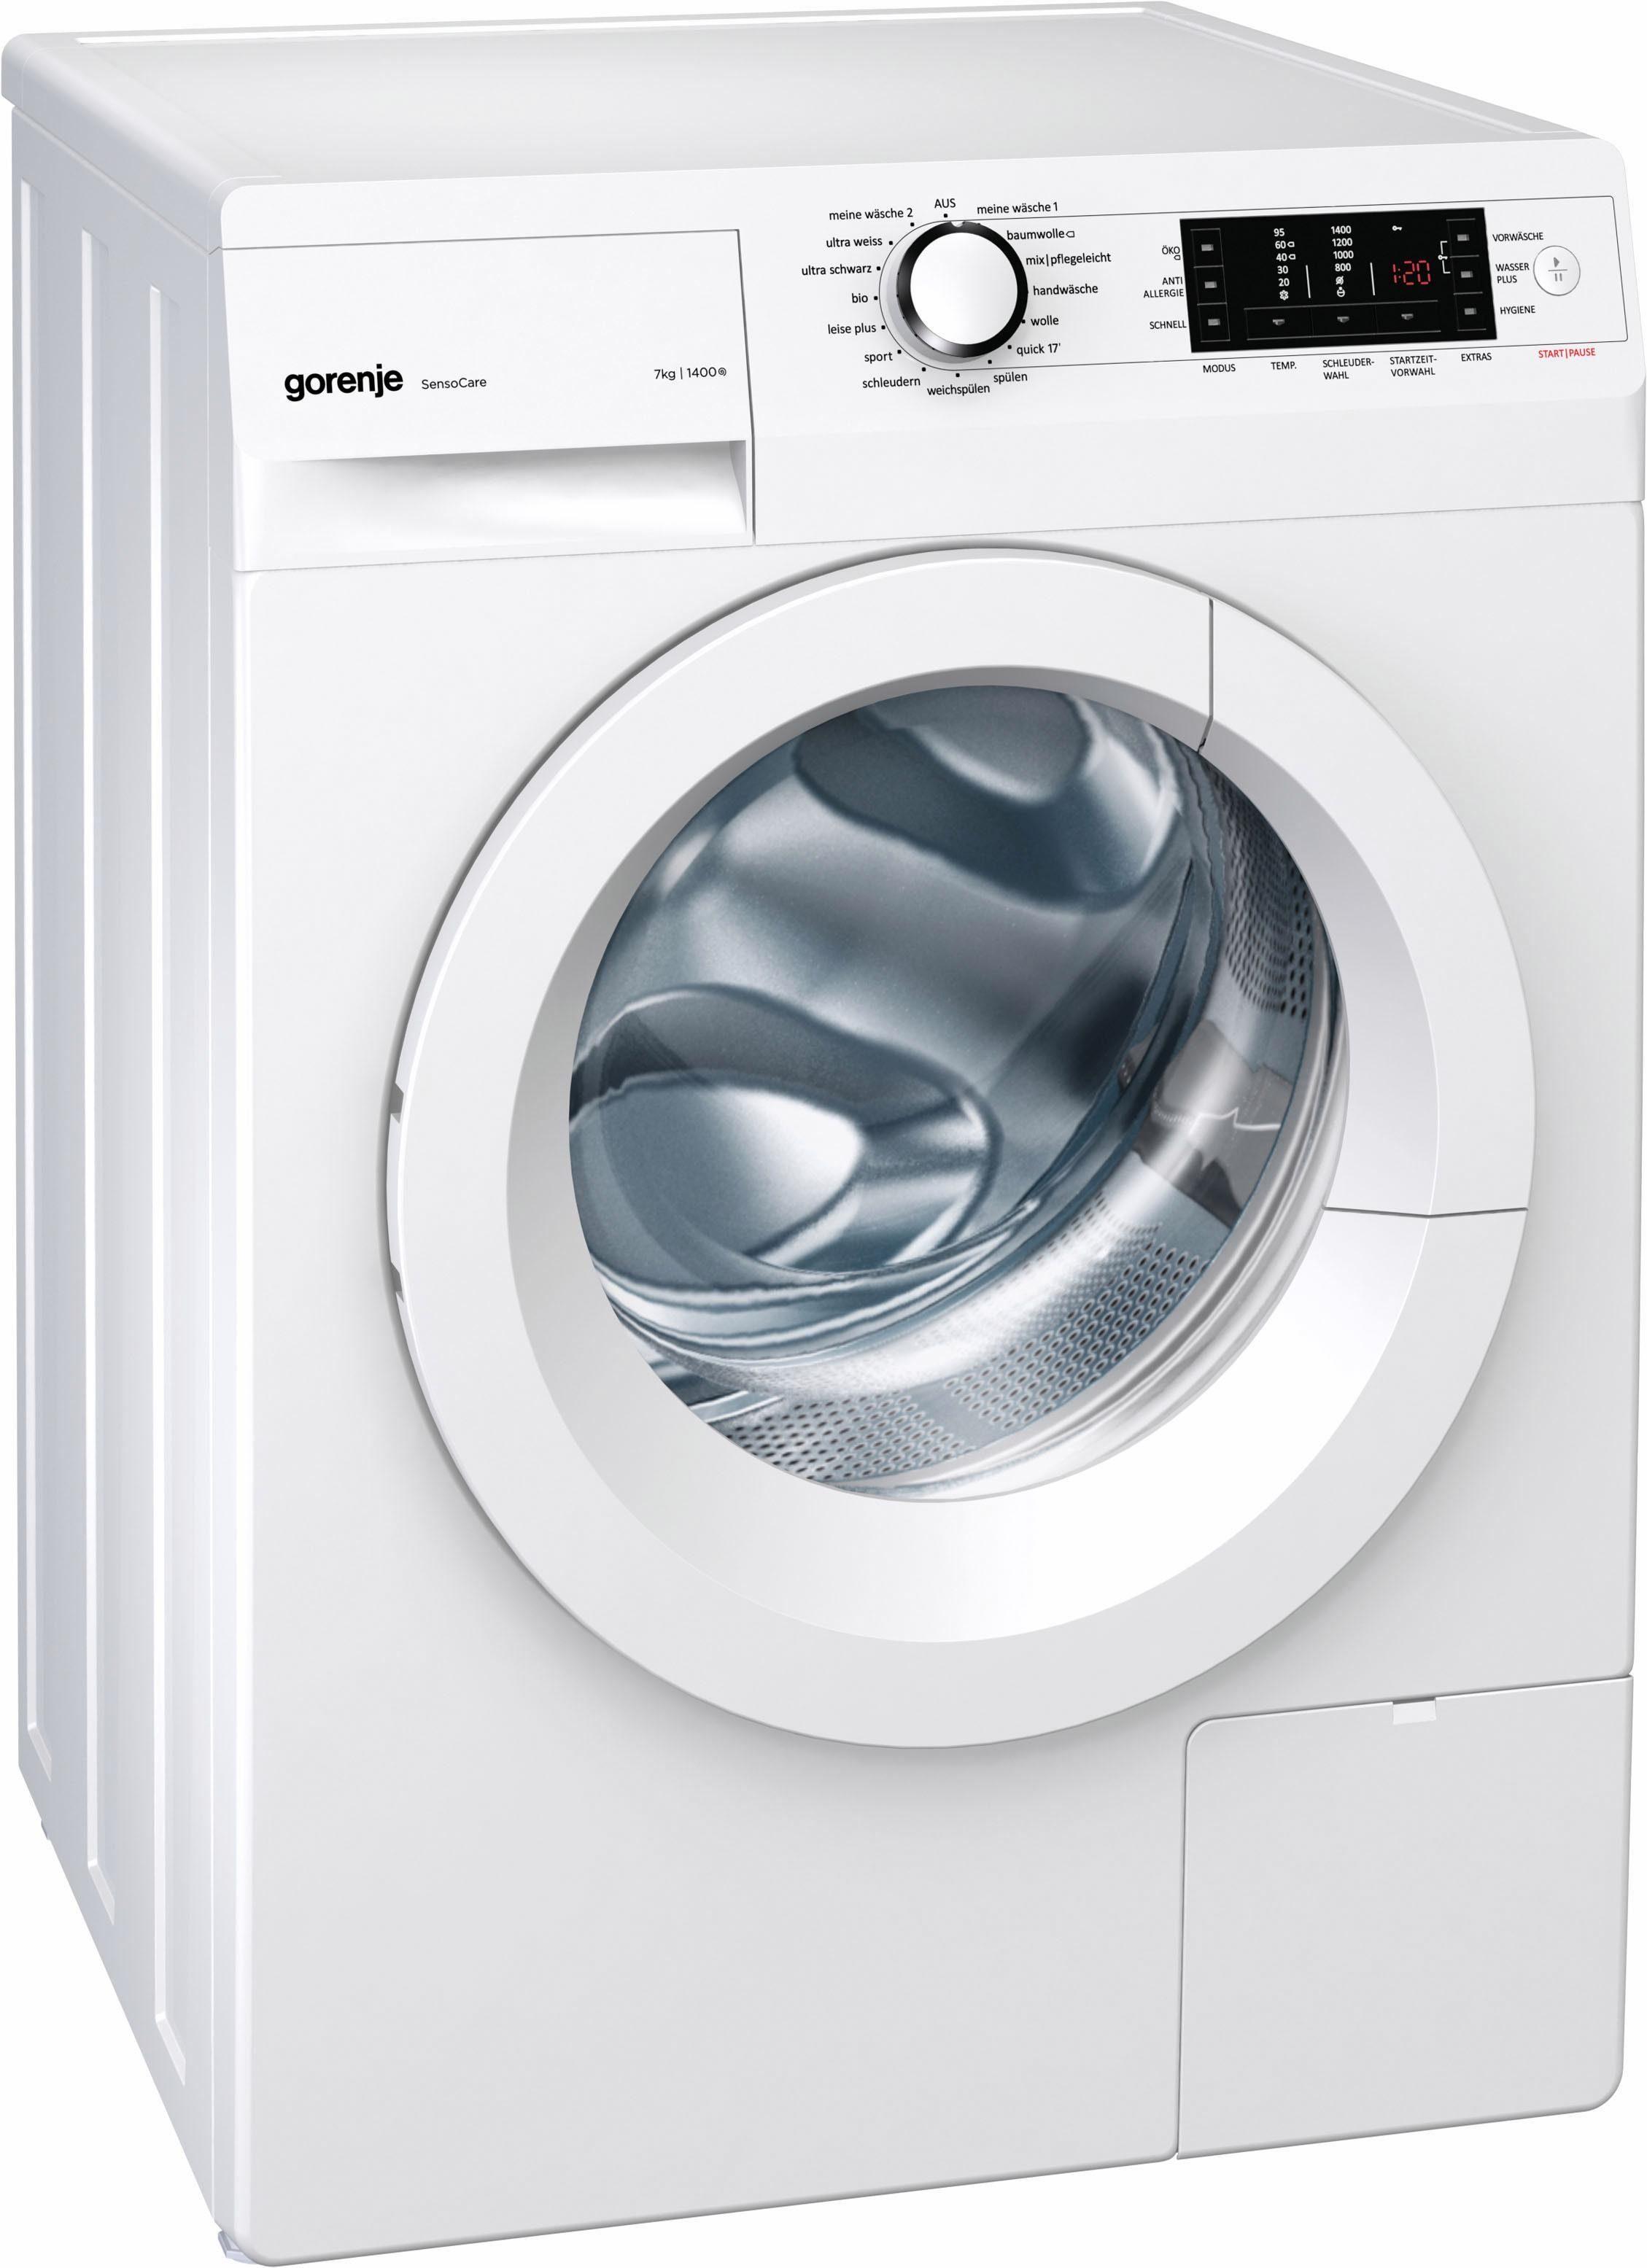 Gorenje Waschmaschine Was749, 7 Kg, 1400 Umin Otto